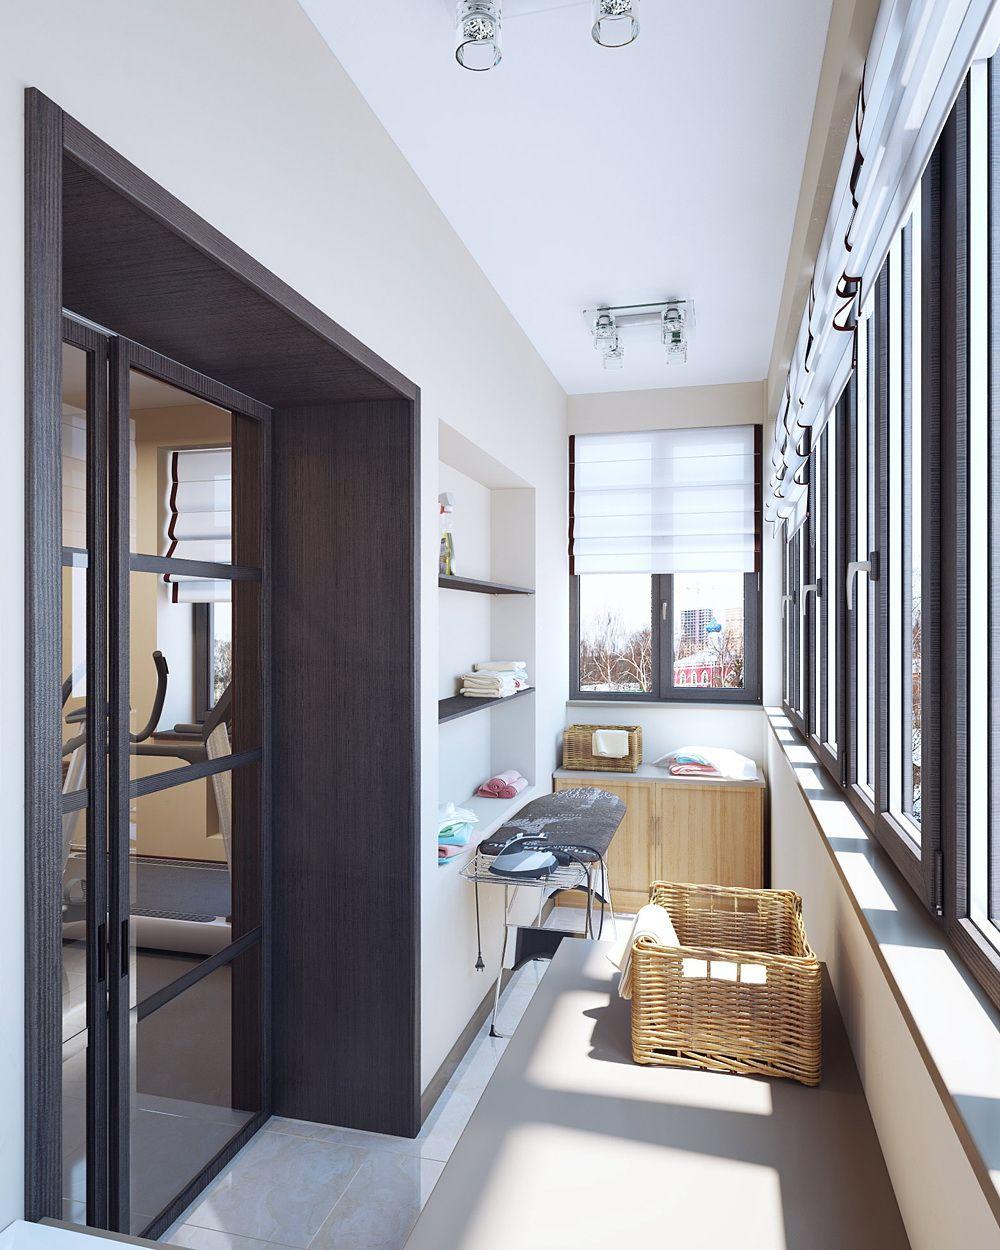 Балкон присоединенный к комнате фото.